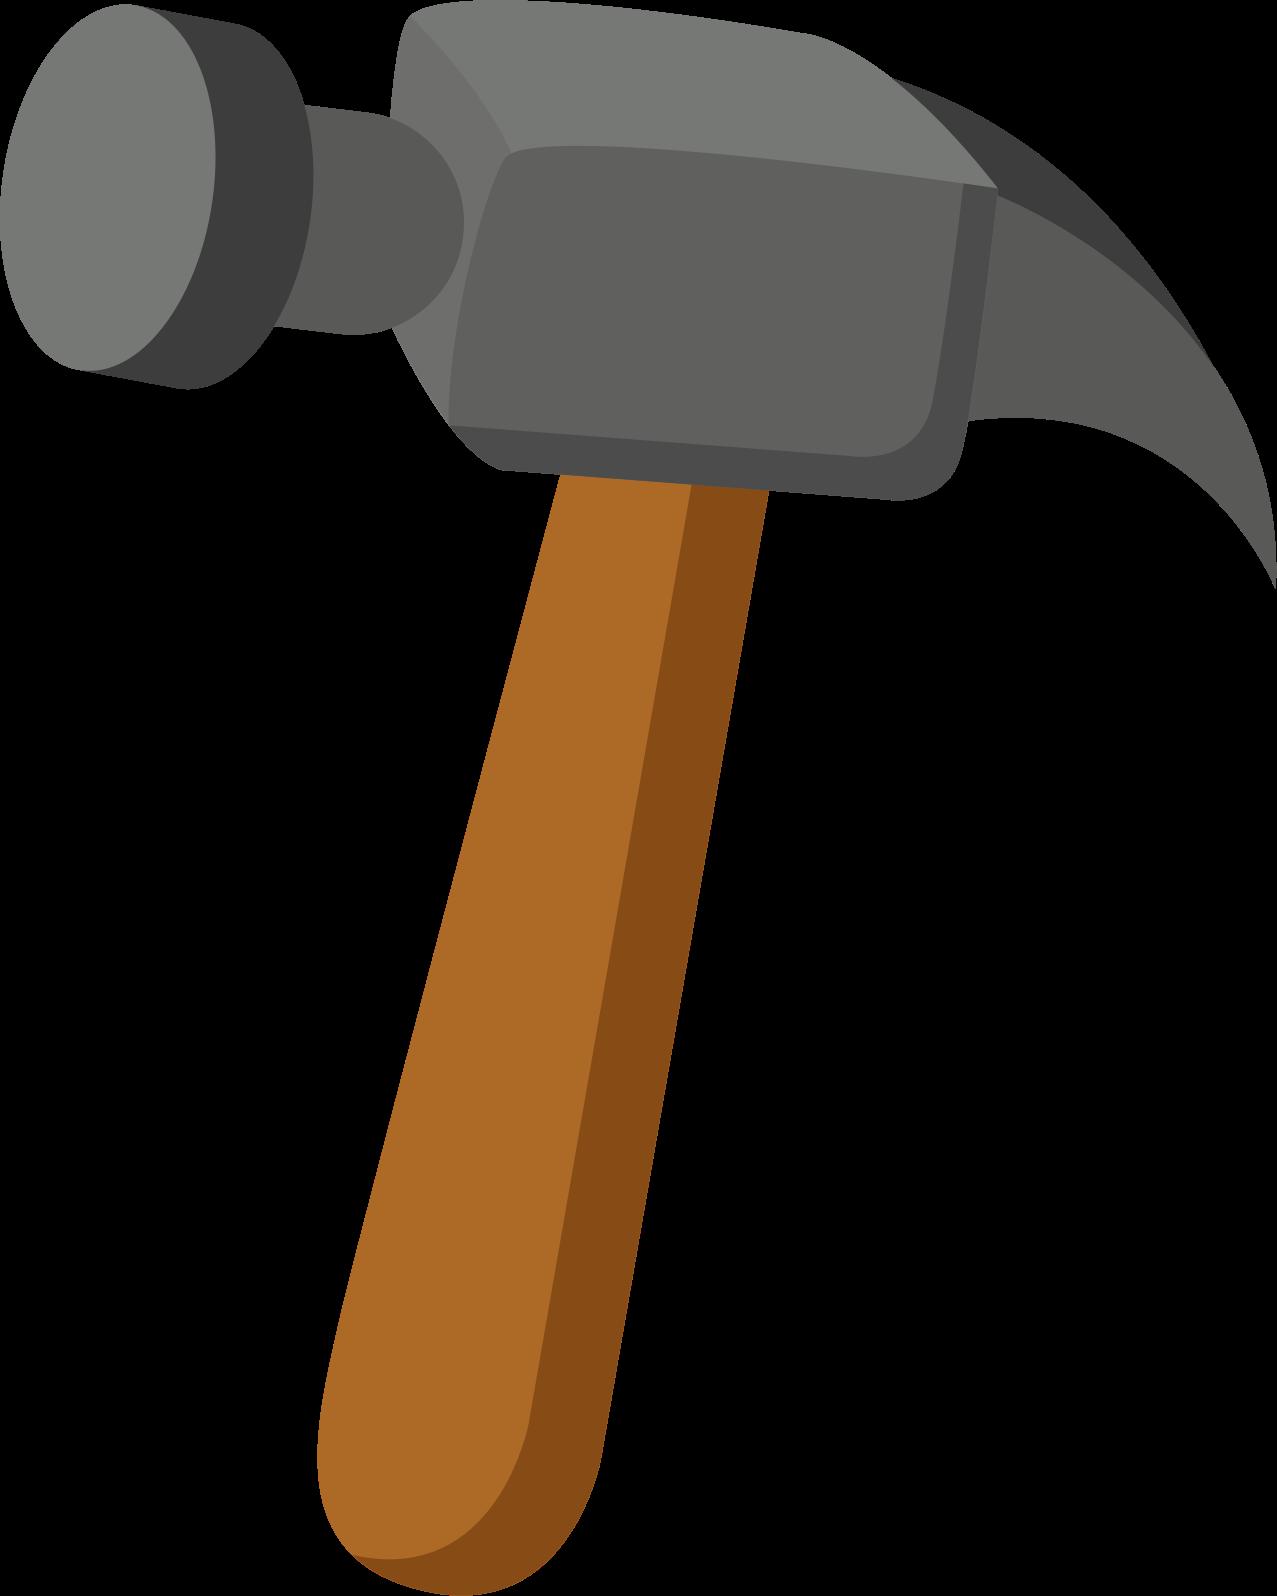 clipart hammer big hammer